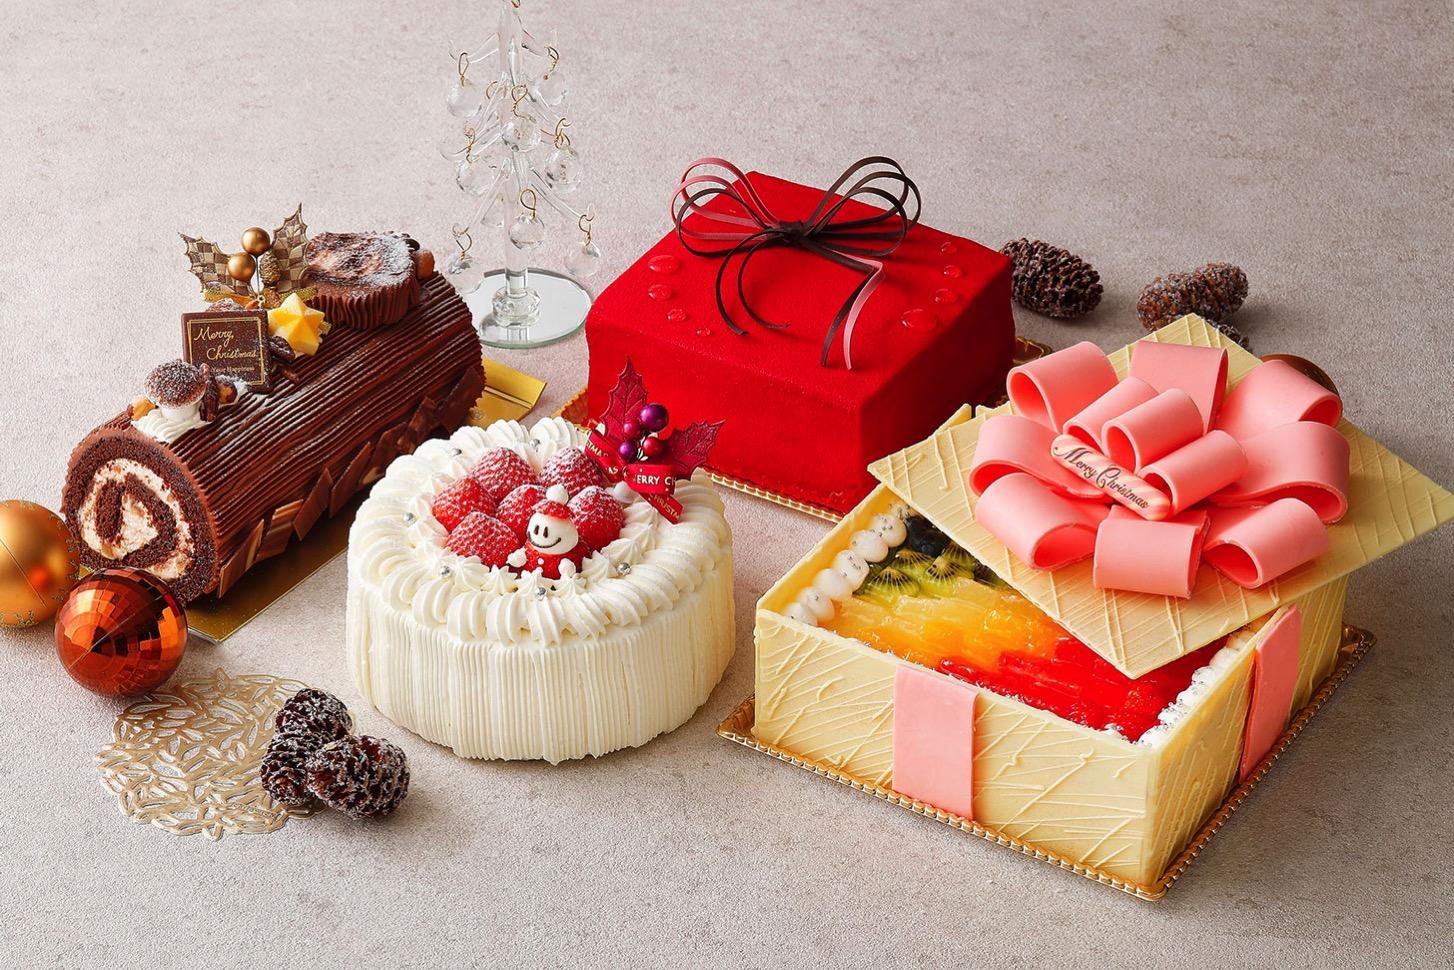 横浜・ホテルニューグランド2020年のクリスマスケーキは華やかで心躍るケーキ揃う!